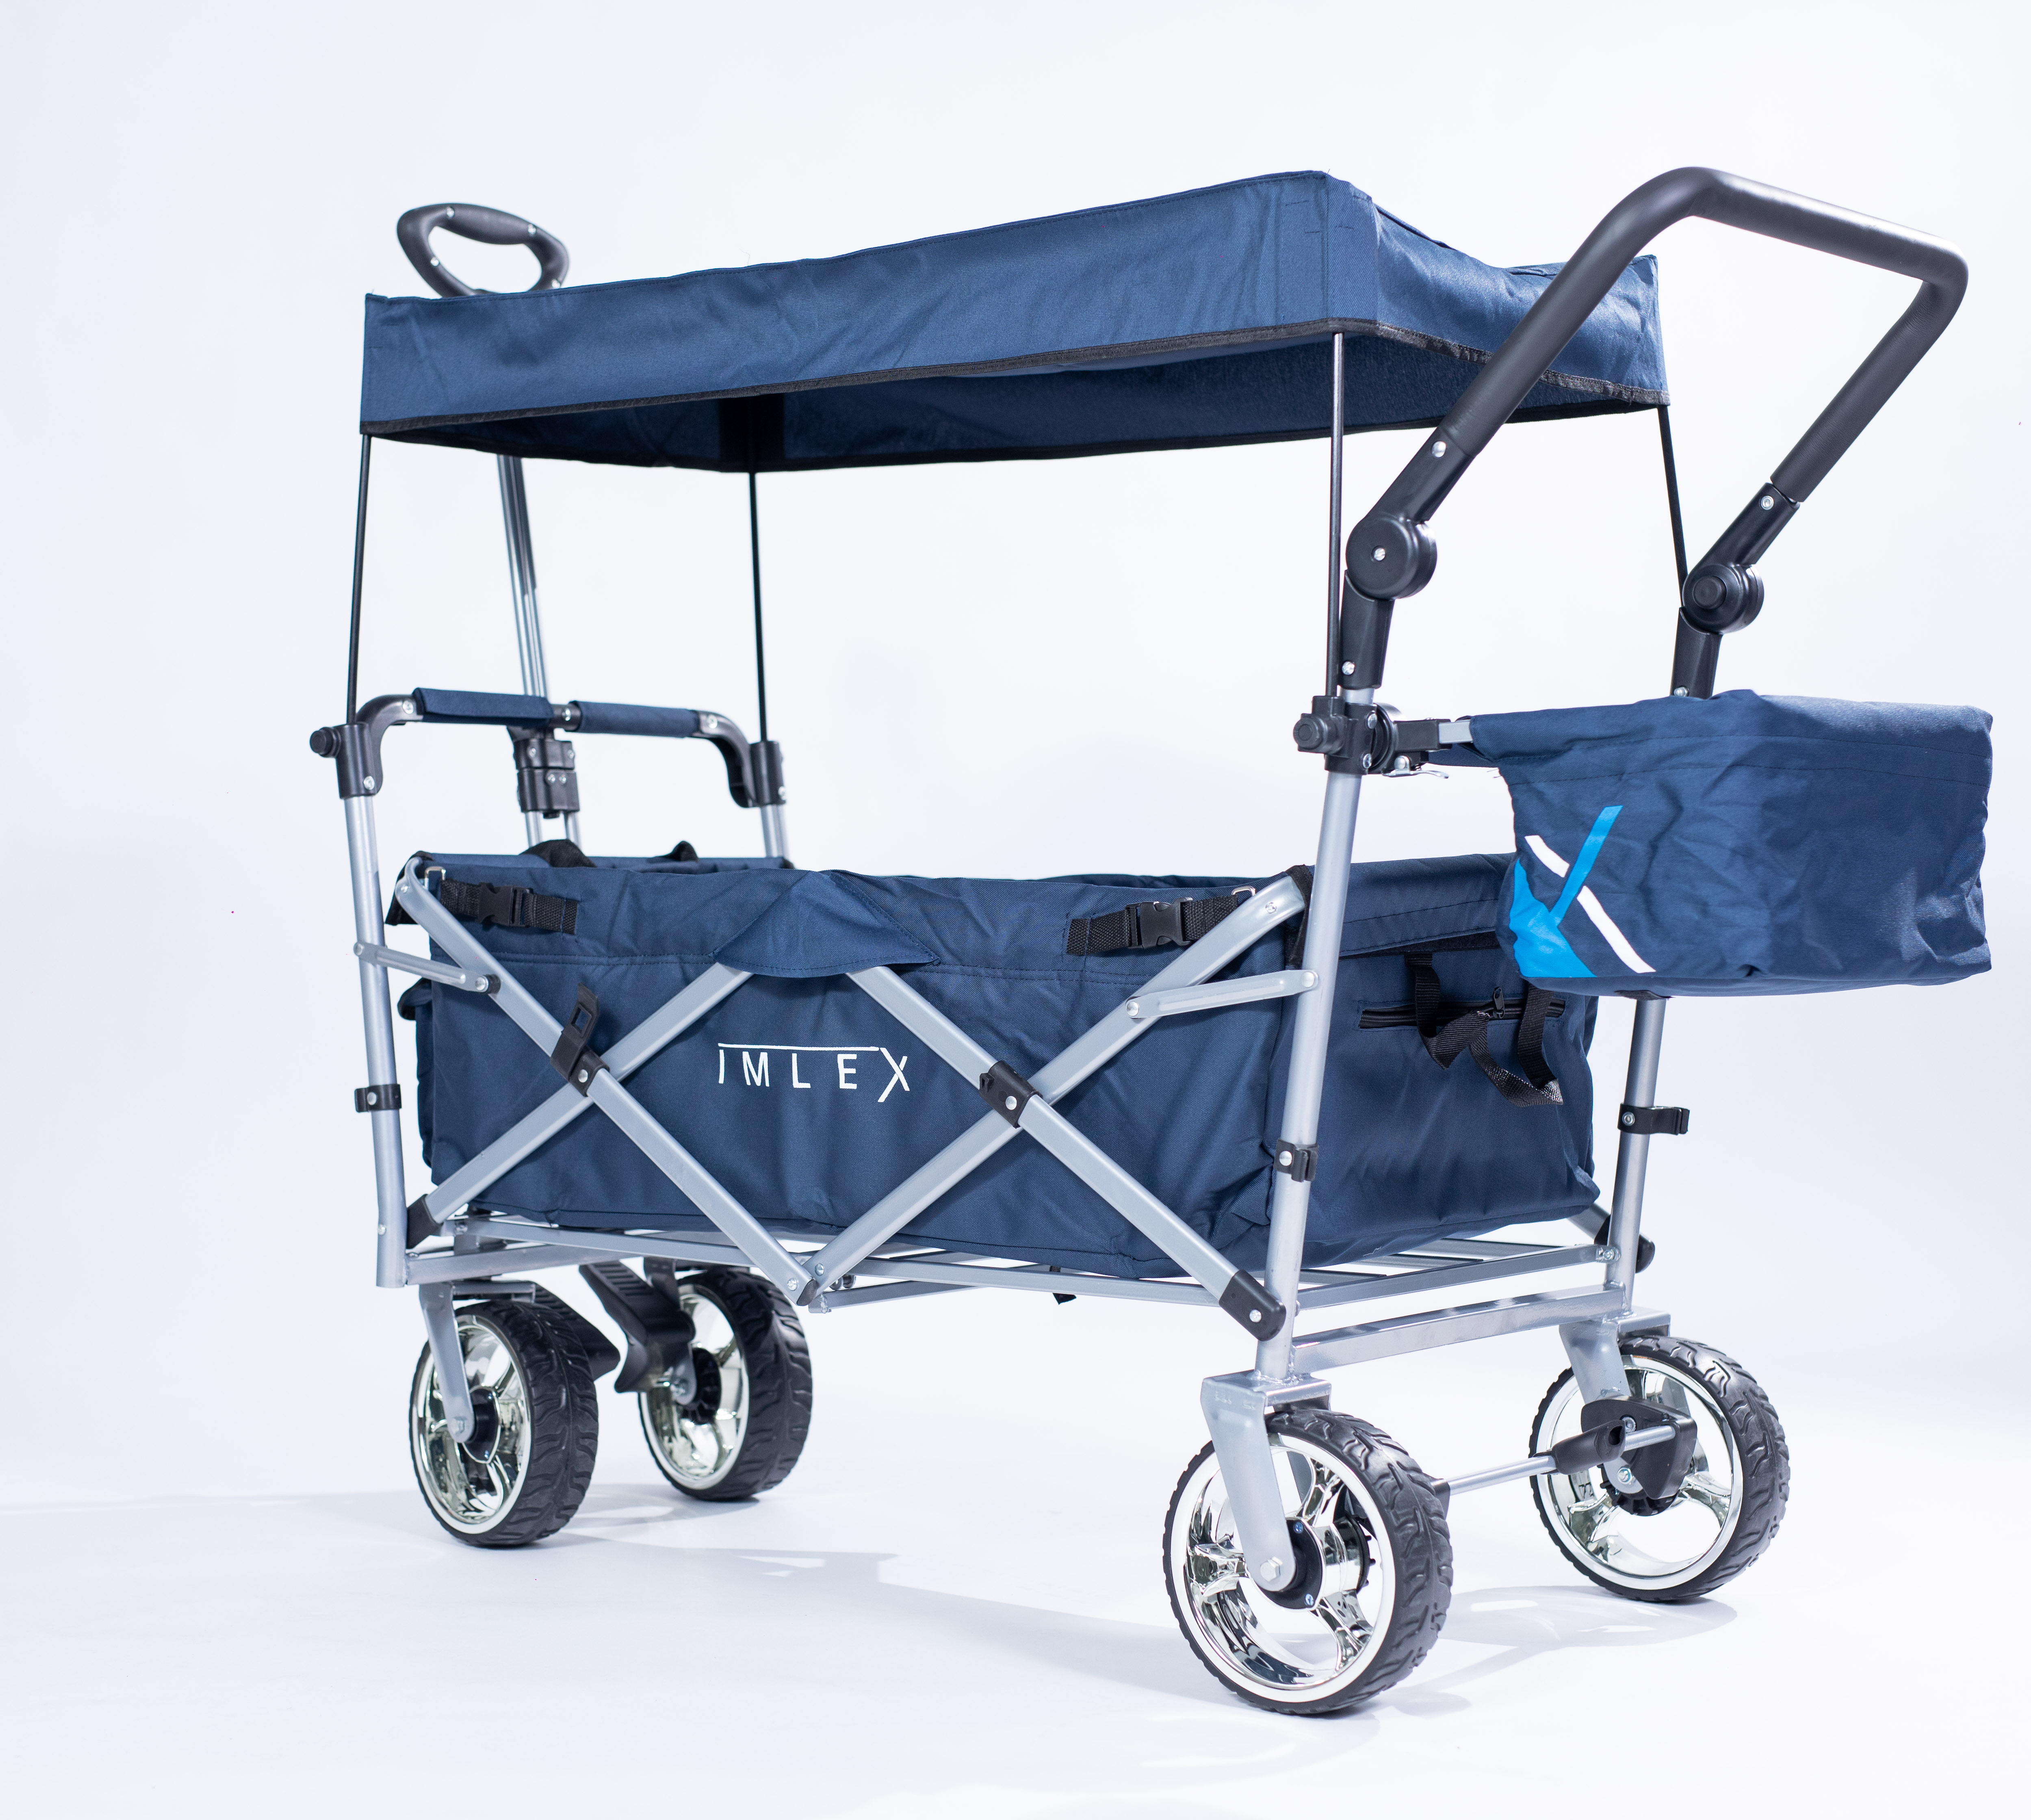 IMLEX-Bollerwagen-IM-4268-Schiebe-u-Zieh-Funktion-Strandwagen-Kinderwagen Indexbild 41